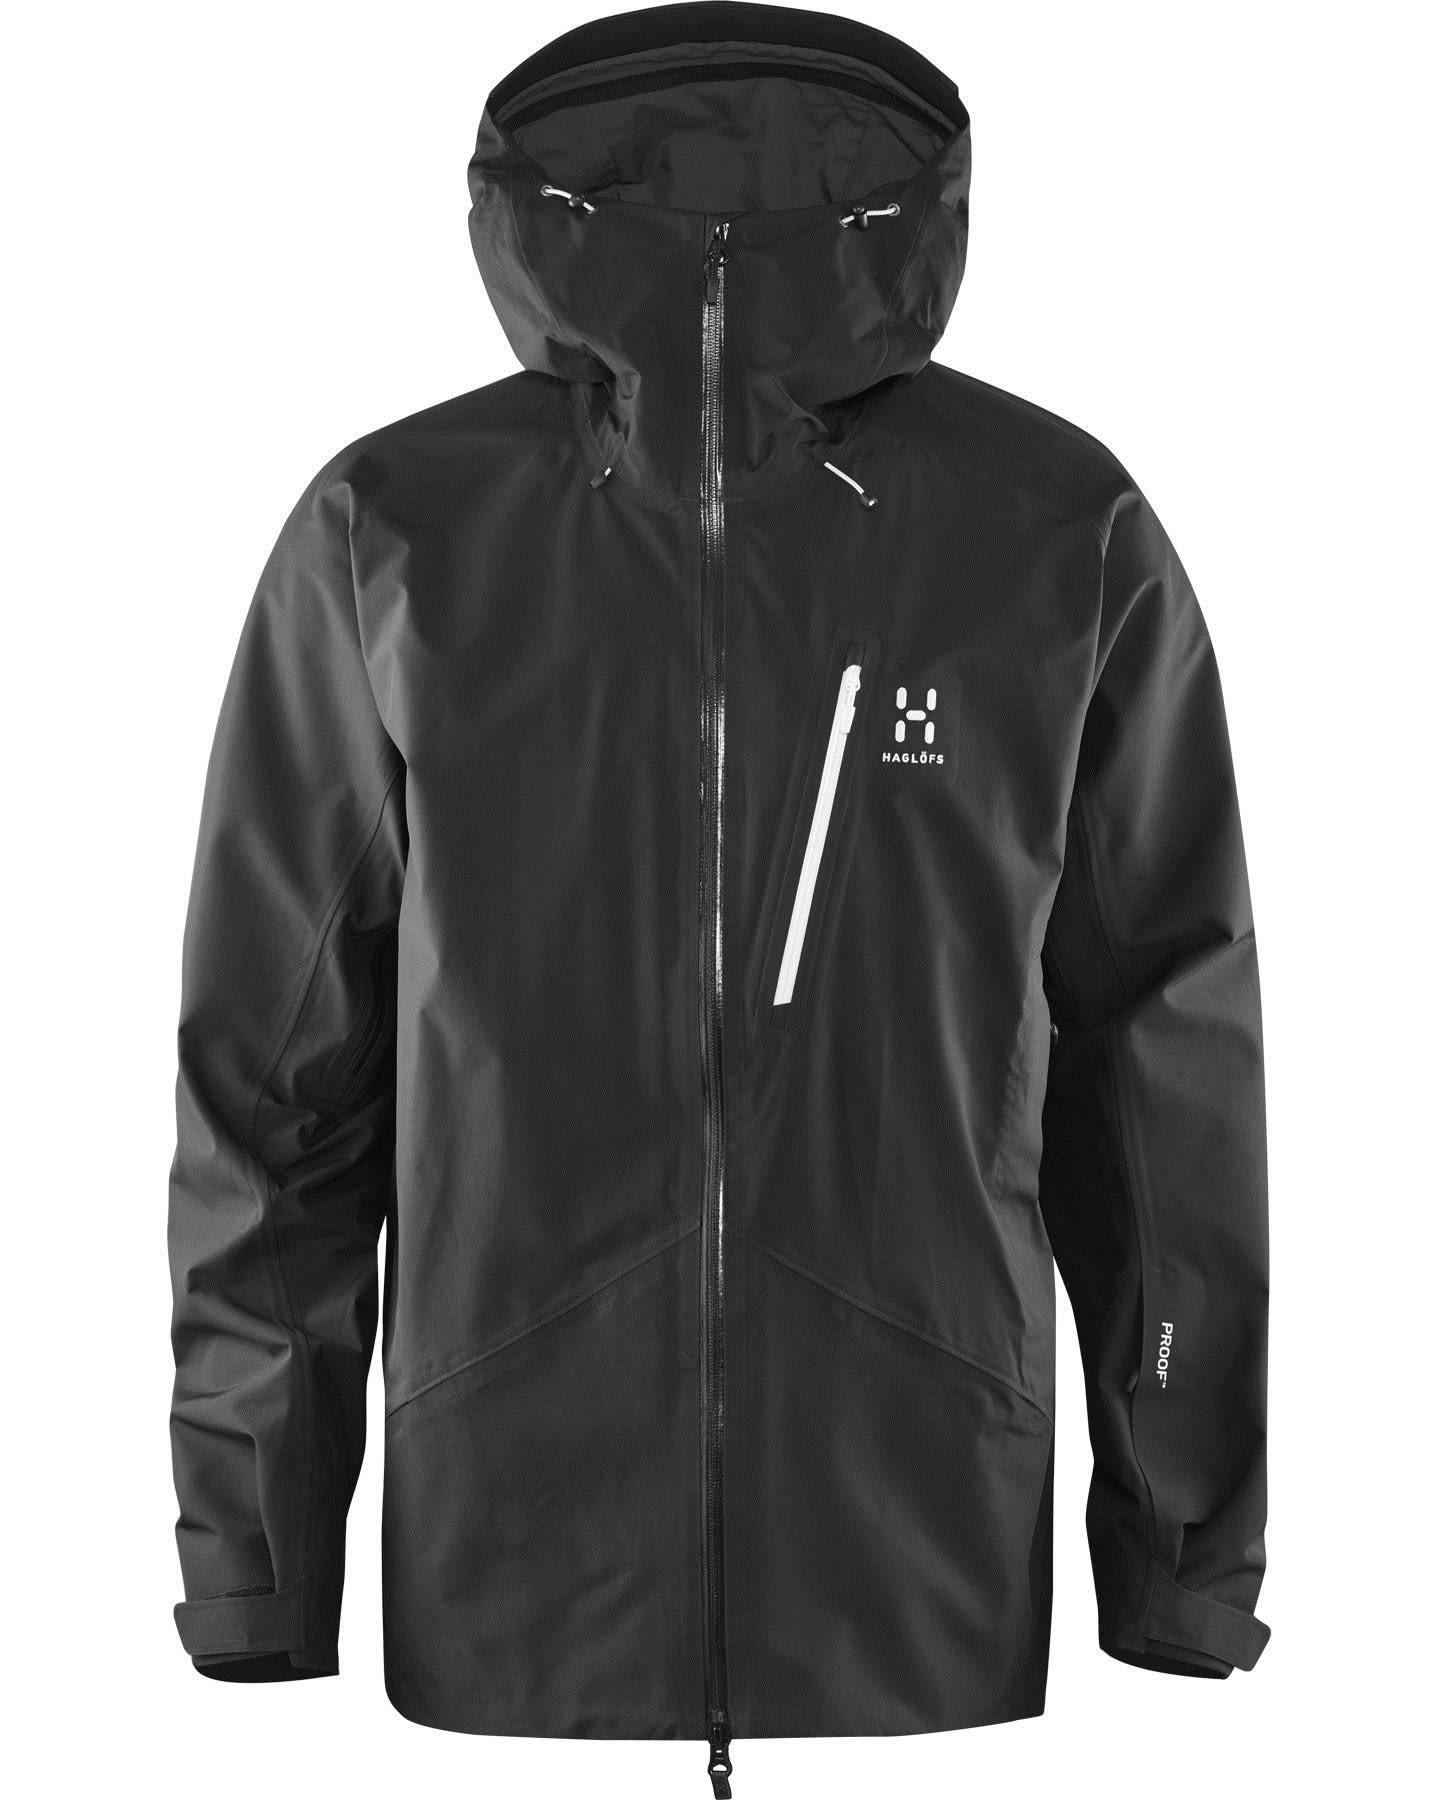 Haglöfs M Niva Jacket (Modell Winter 2017)   Größe L,XL   Herren Regenjacke